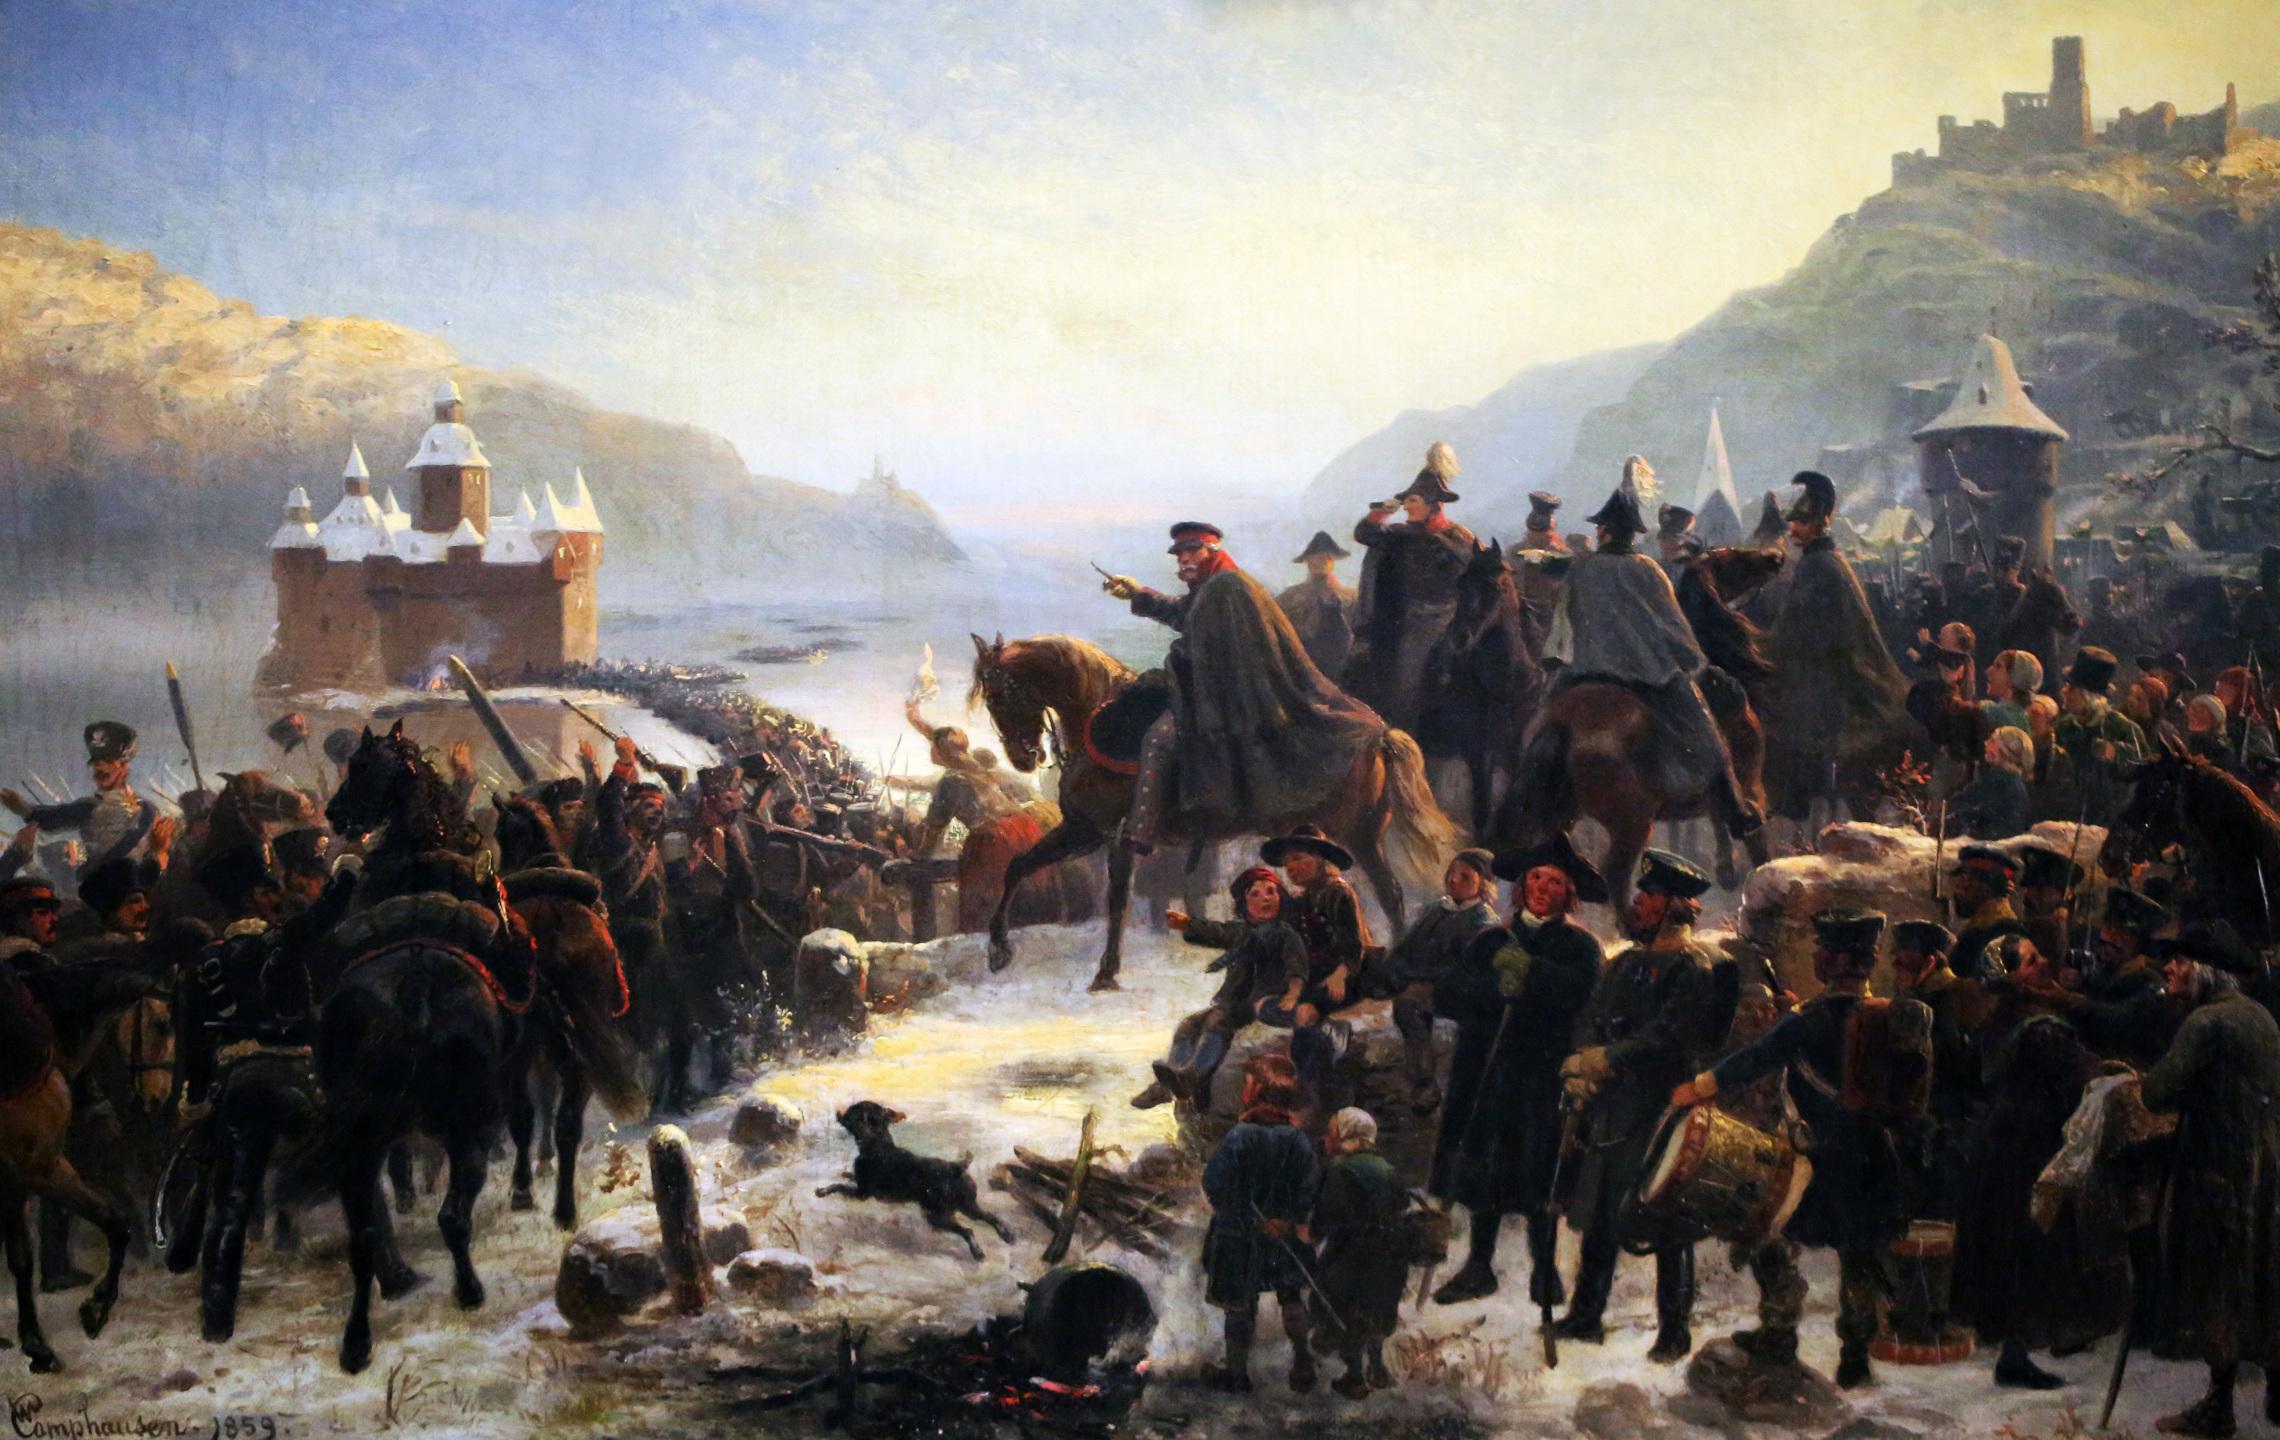 """1859, Öl auf Leinwand, Mittelrhein-Museum Koblenz, Inv.-Nr. M 489. <br/>Quelle: <a href=""""https://commons.wikimedia.org/wiki/File:Wilhelm_Camphausen,_Blüchers_Rheinübergang_bei_Kaub.jpg"""">User:HOWI / Wikimedia Commons</a> <br/>Lizenz: gemeinfrei"""